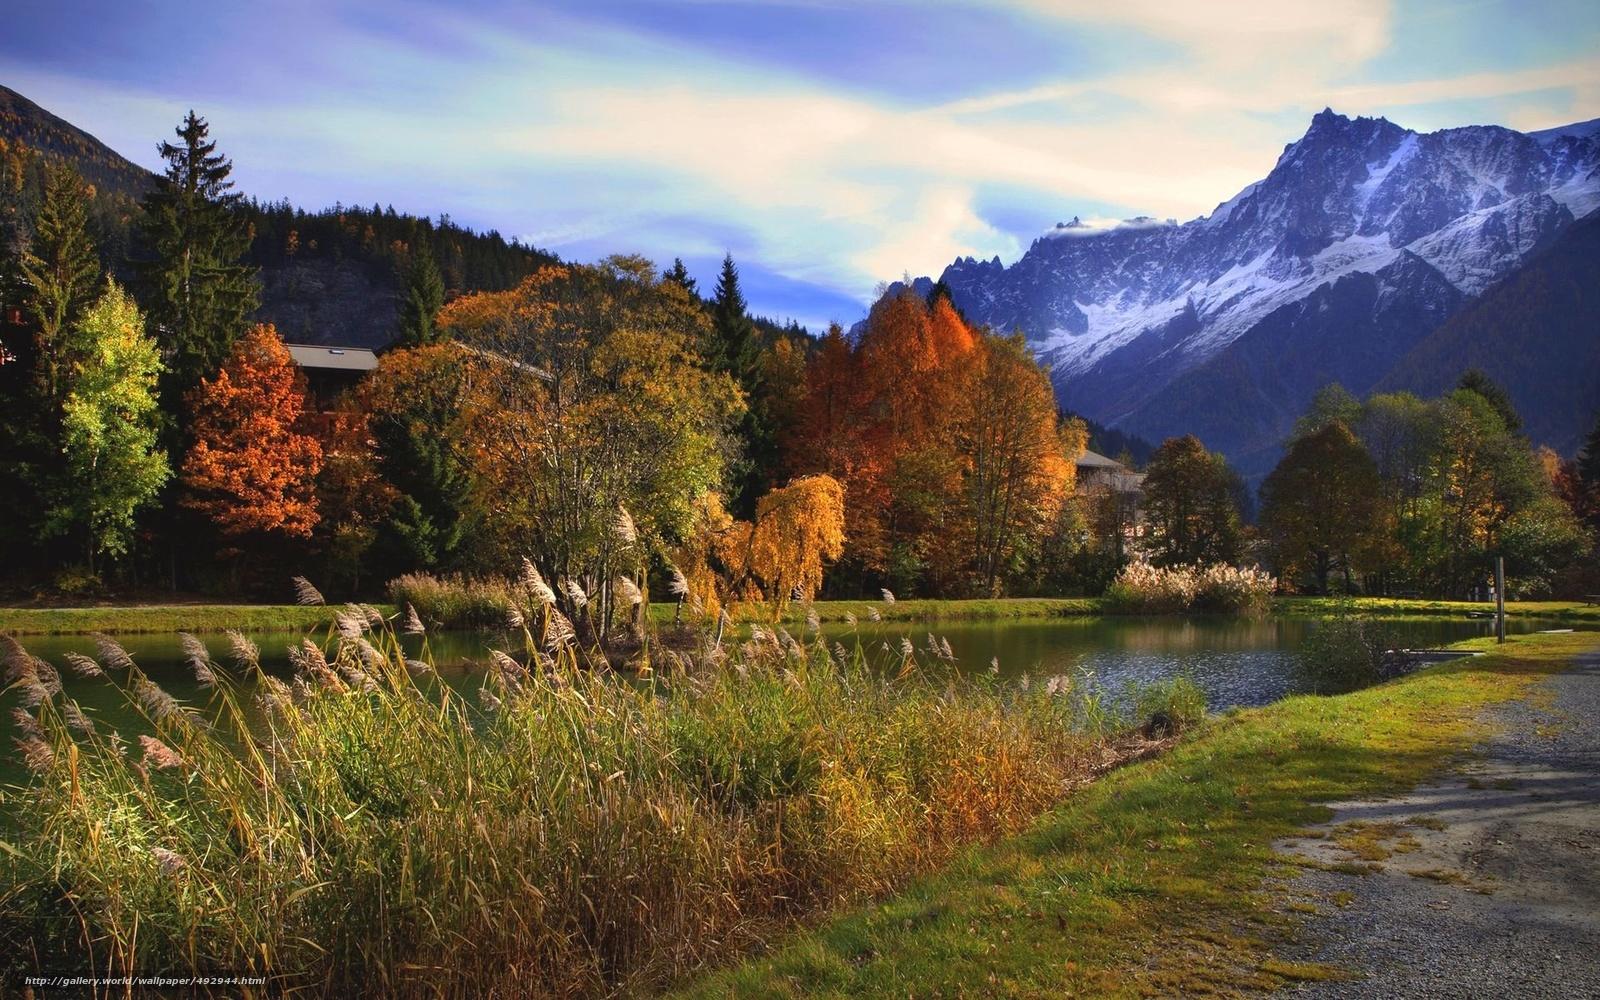 tlcharger fond d 39 ecran automne montagnes tang paysage fonds d 39 ecran gratuits pour votre. Black Bedroom Furniture Sets. Home Design Ideas